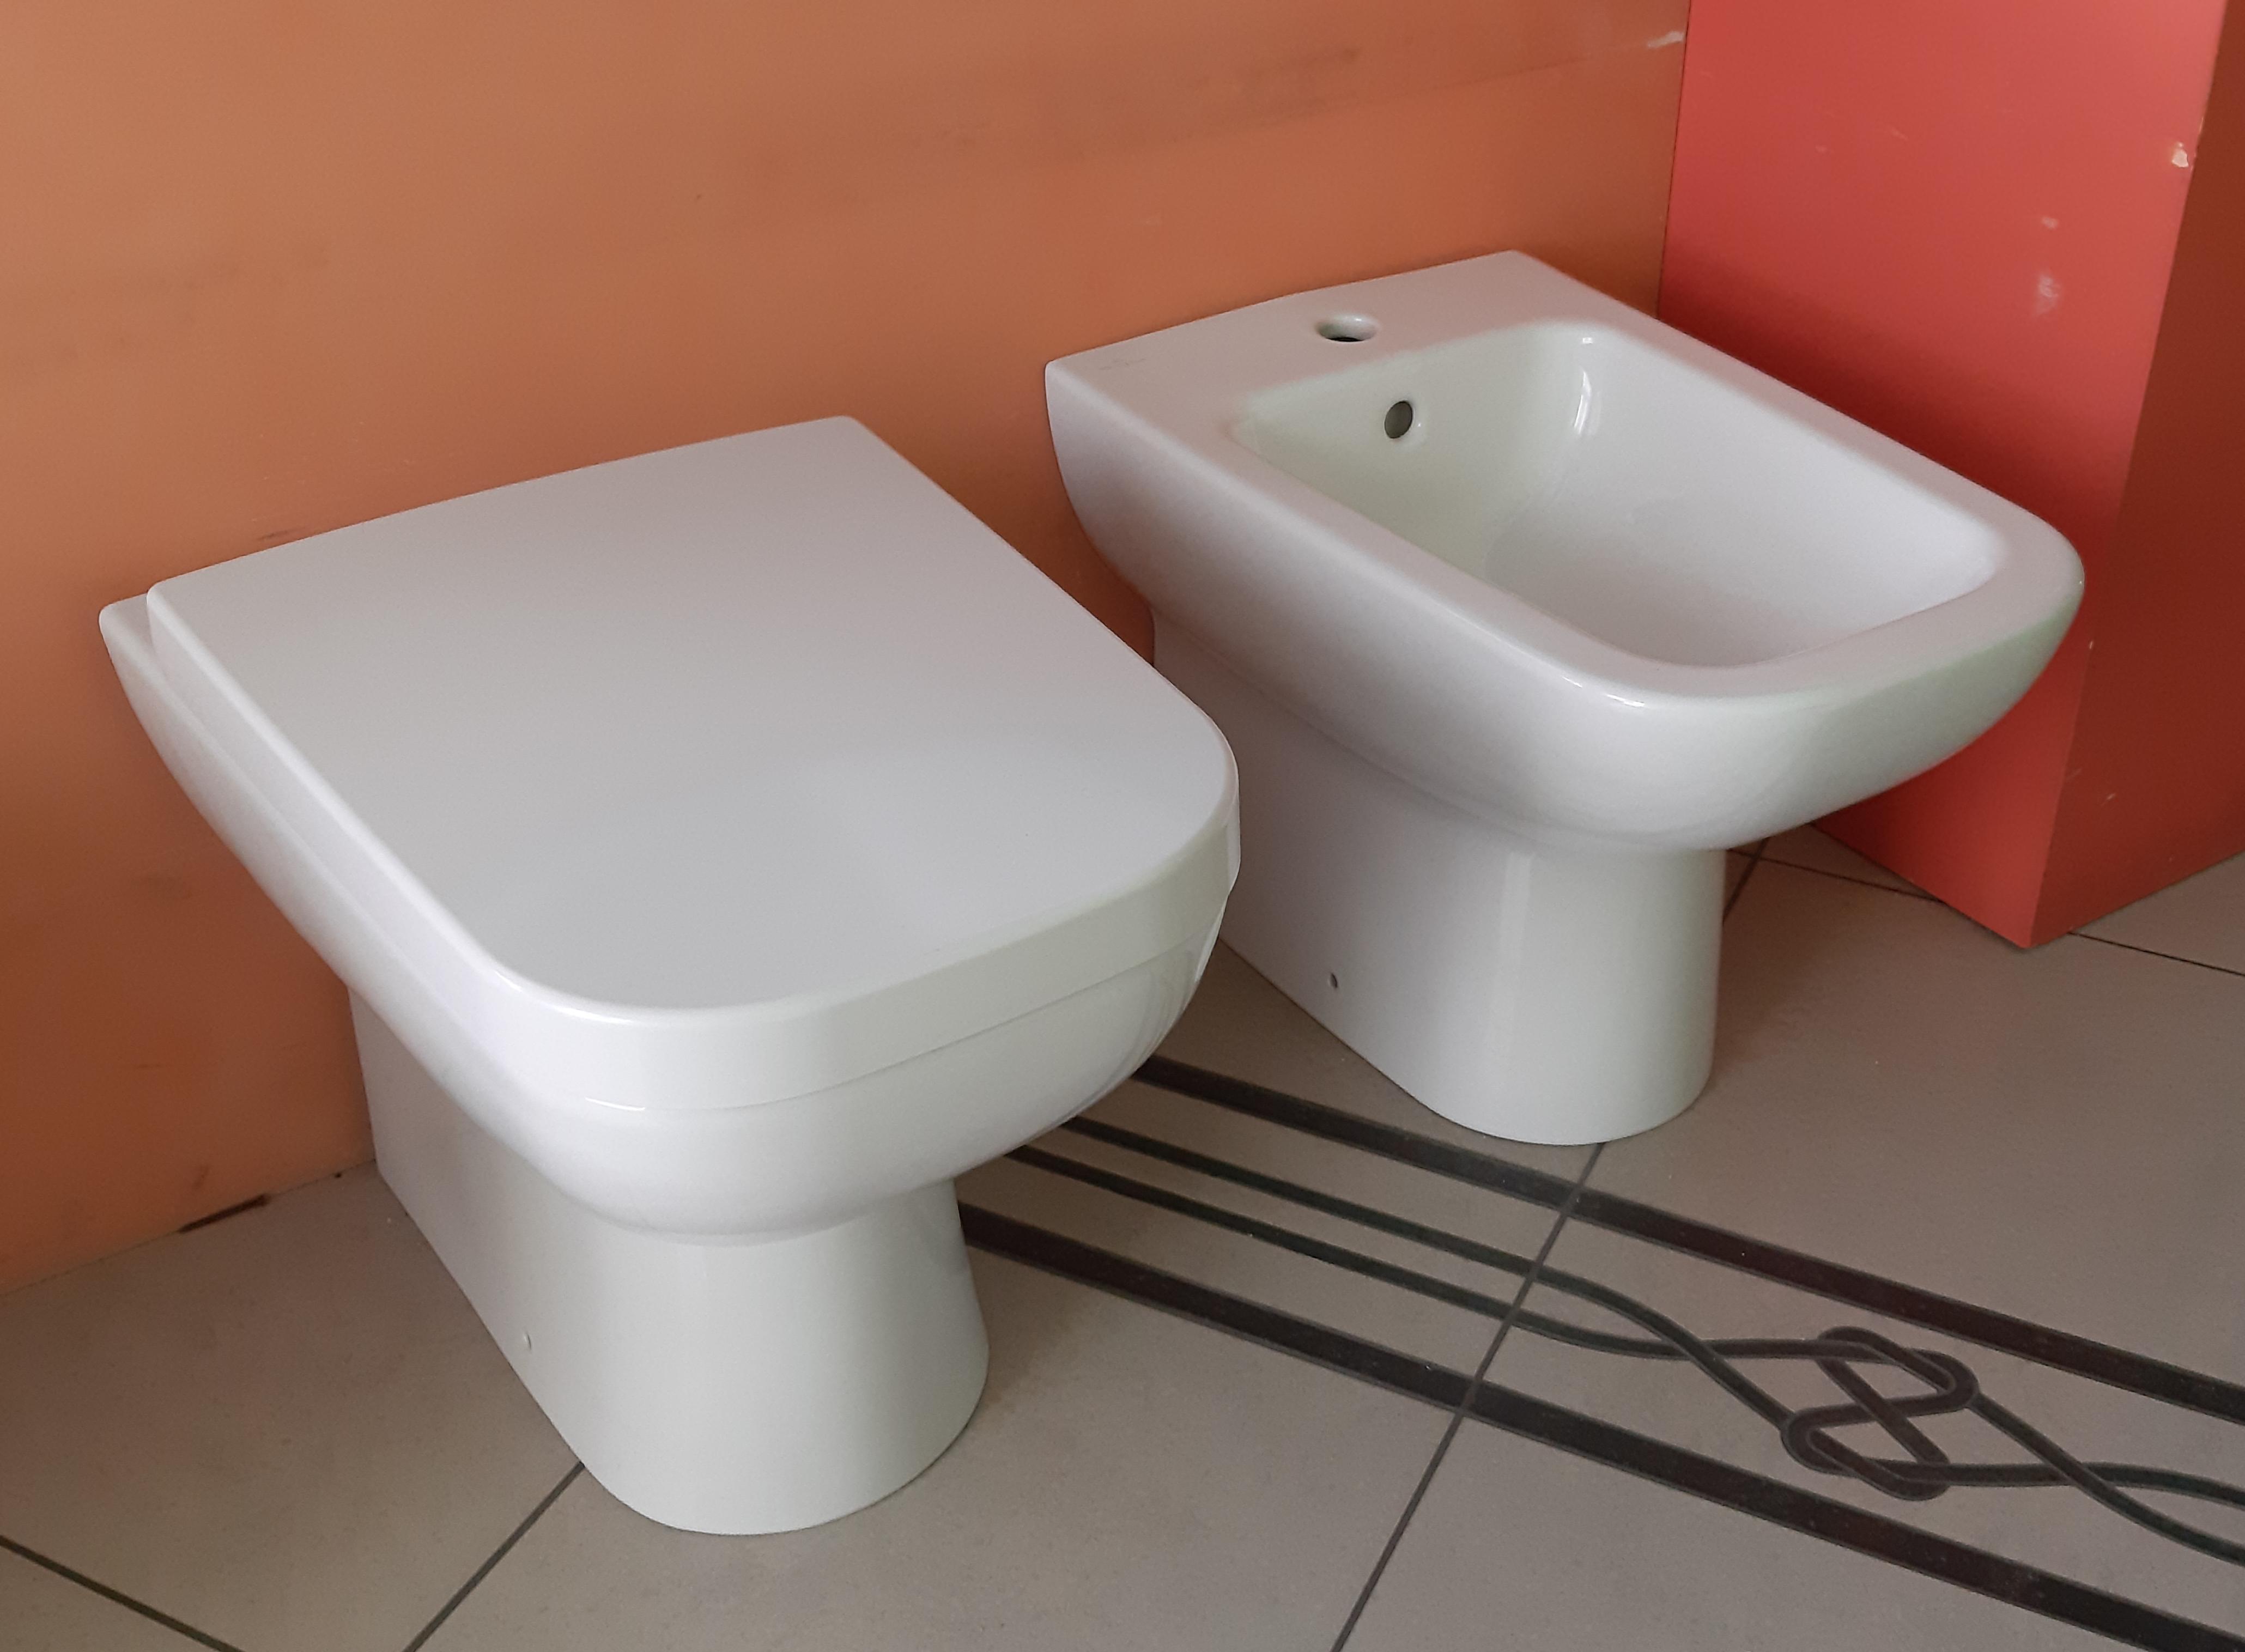 Vasche Da Bagno Villeroy E Boch Prezzi : Villeroy & boch joyce vaso e bidet a pavimento commerciale veneta